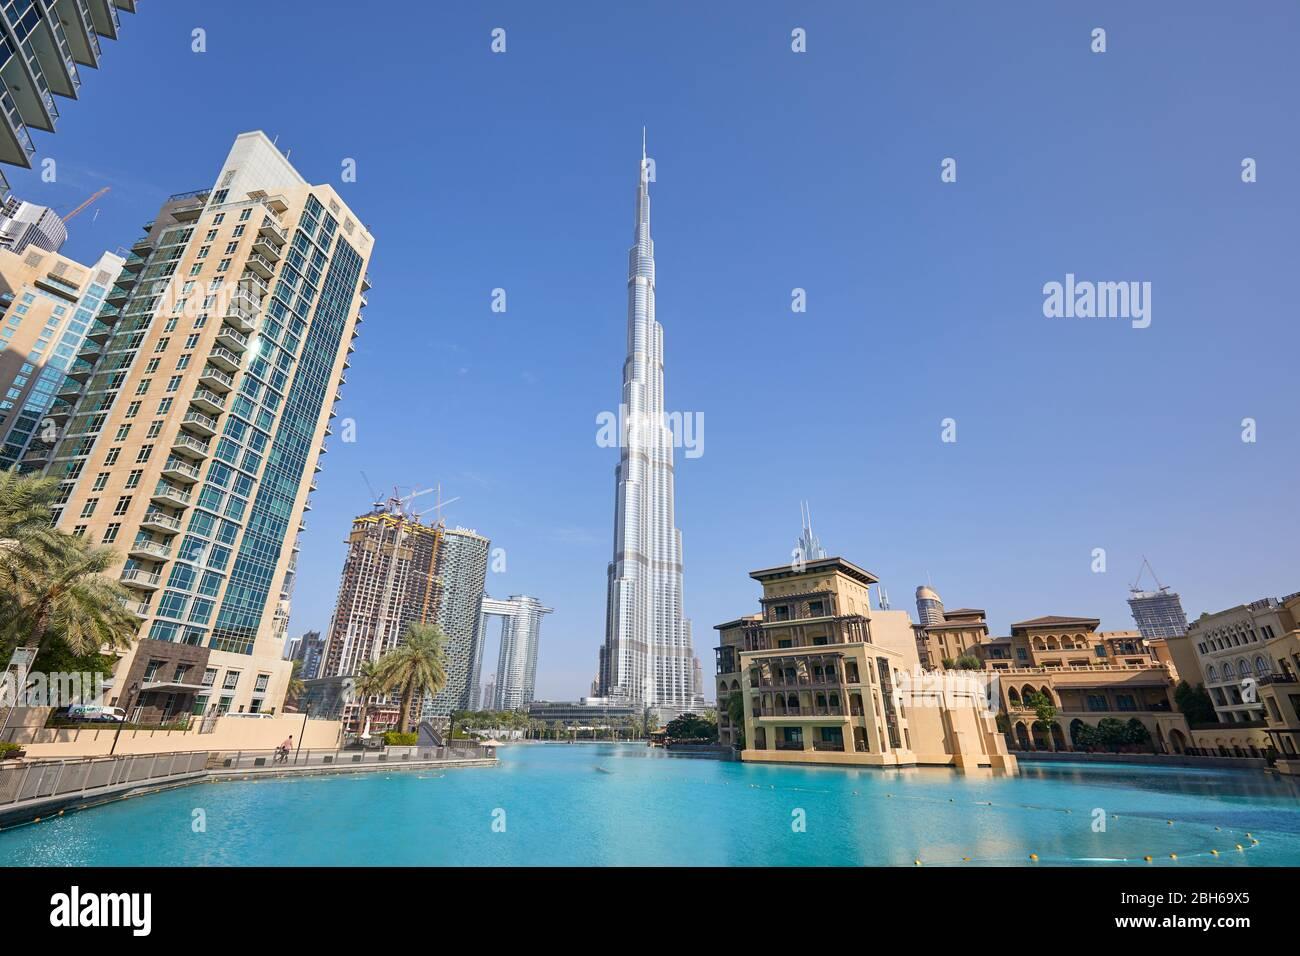 Dubaï, ÉMIRATS ARABES UNIS - 19 NOVEMBRE 2019 : gratte-ciel Burj Khalifa, lac artificiel et bâtiments modernes en une journée ensoleillée Banque D'Images